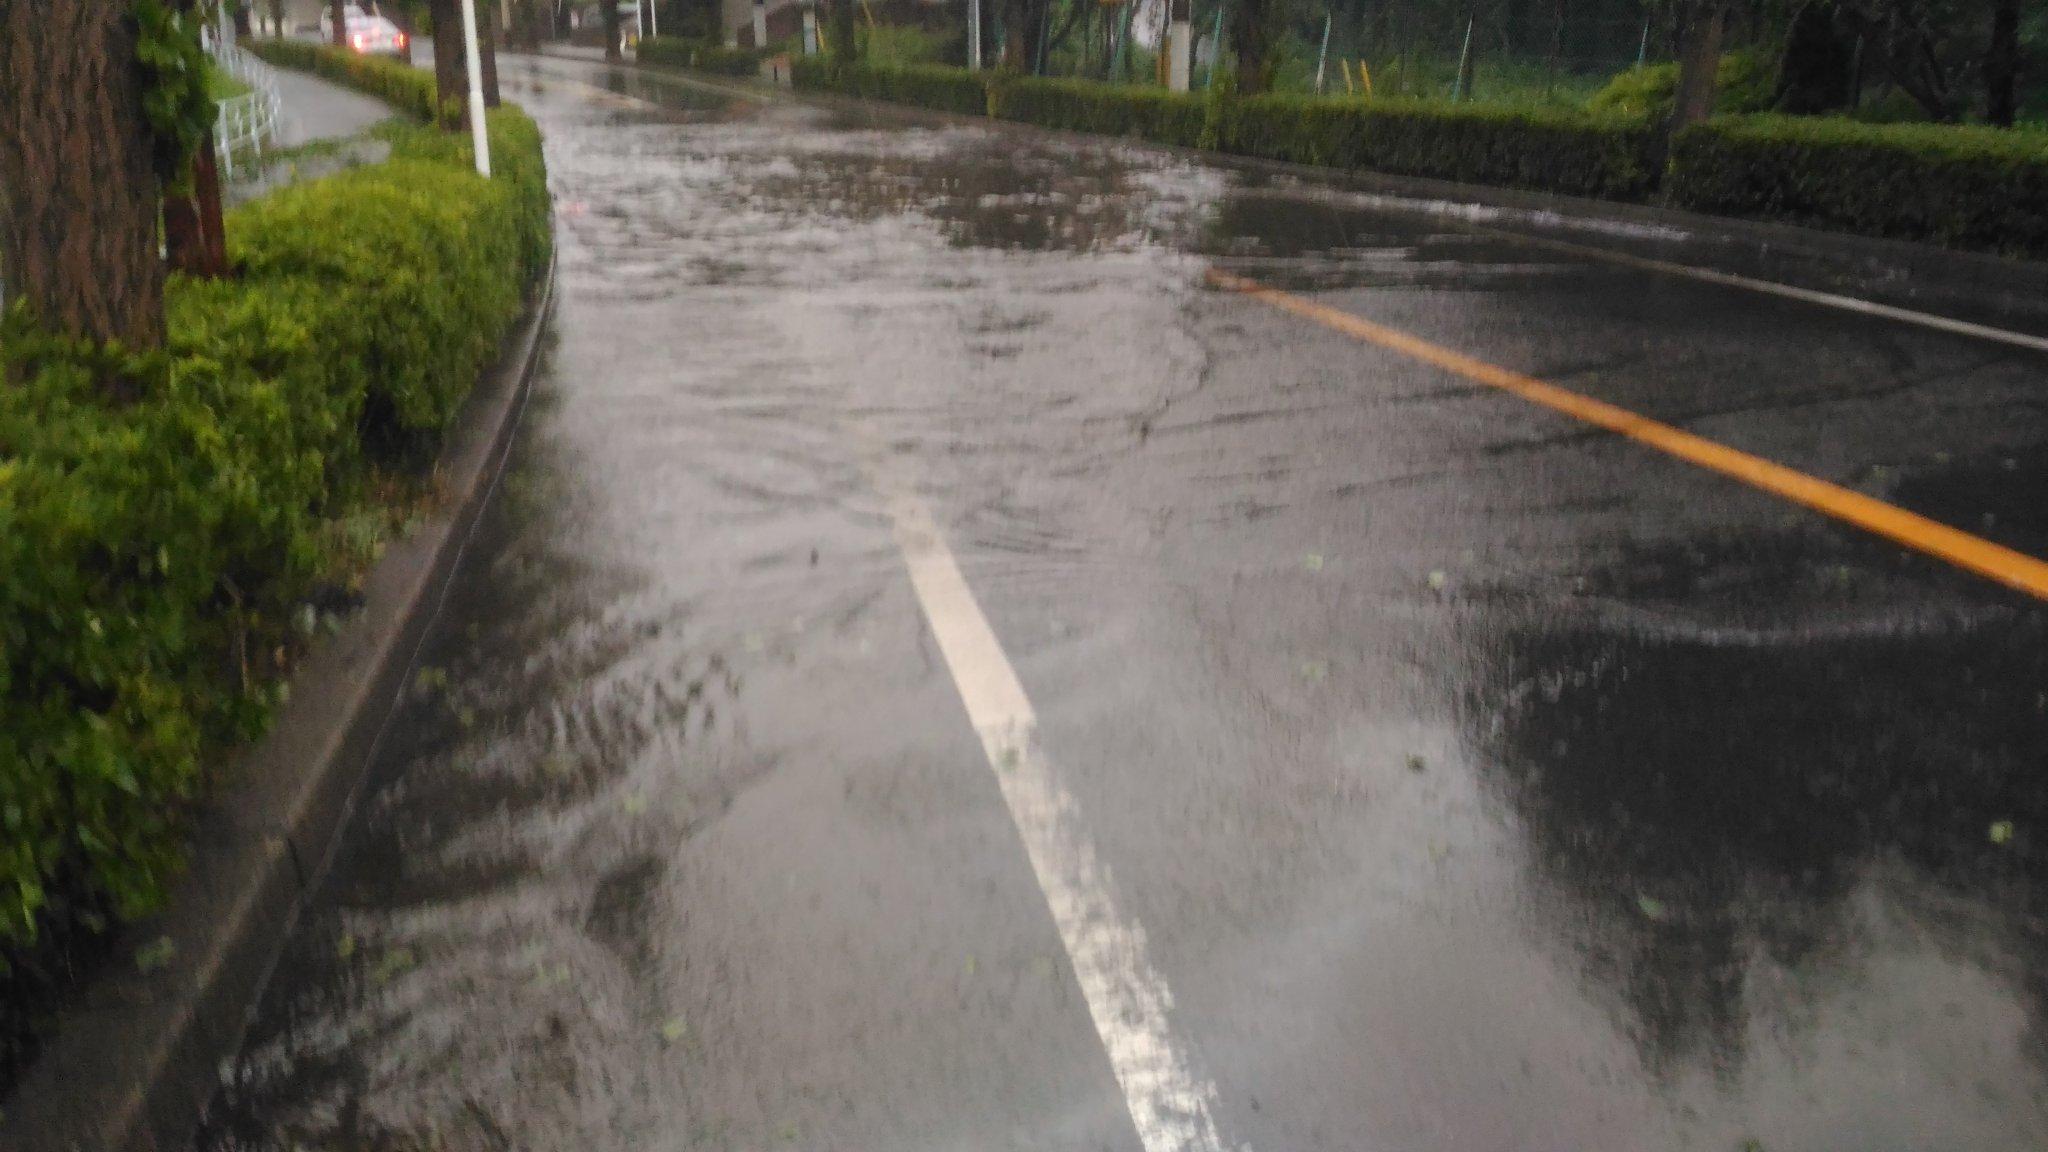 画像,千葉県八千代市でも台風15号の被害が出ていて、倒木や冠水が発生している。 https://t.co/fohZzXjuMM。